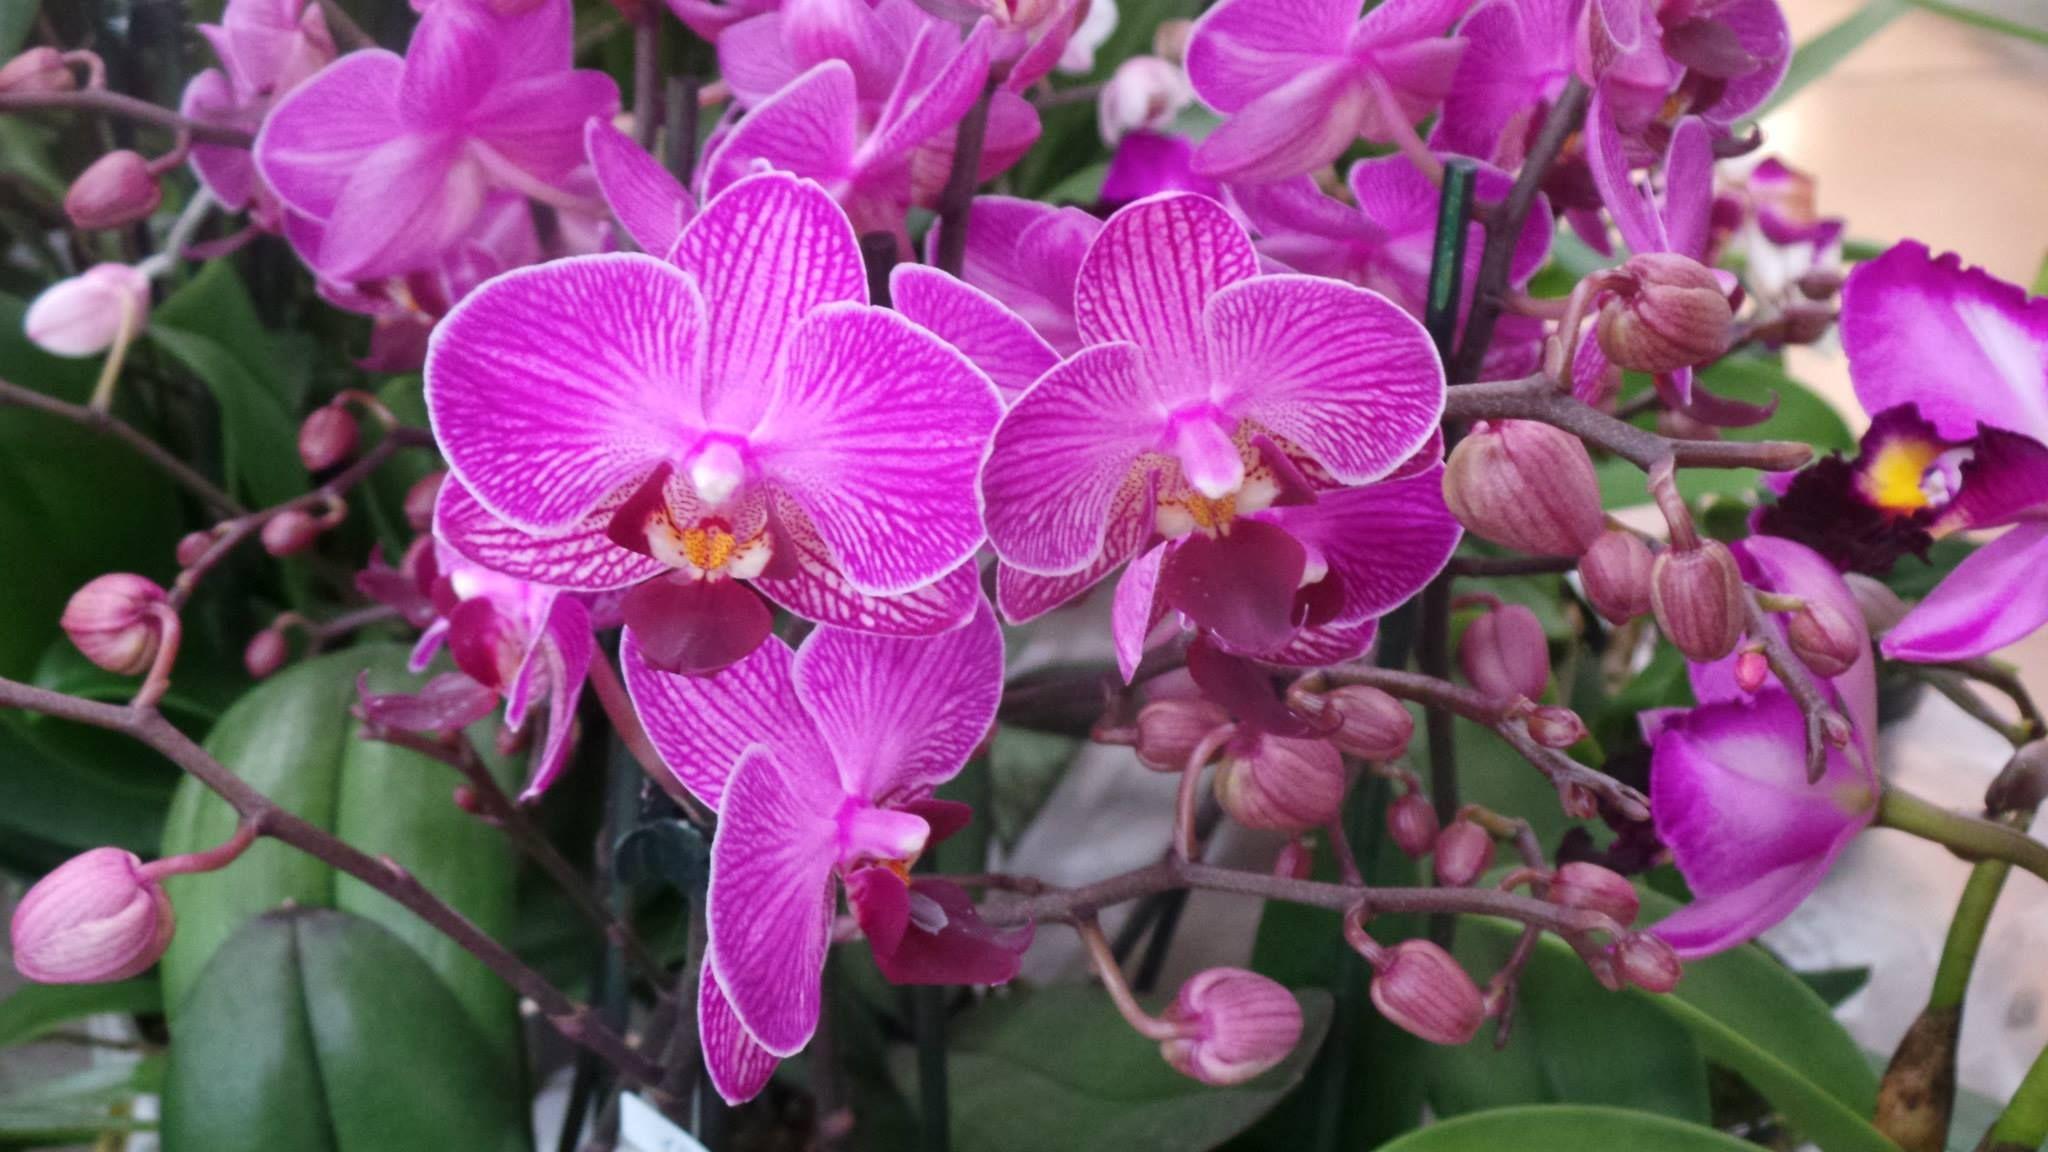 Ecco le foto dell'evento #Orchidee una Medicina per L'anima a cura di Giancarlo Pozzi. Grazie a tutti per aver partecipato!